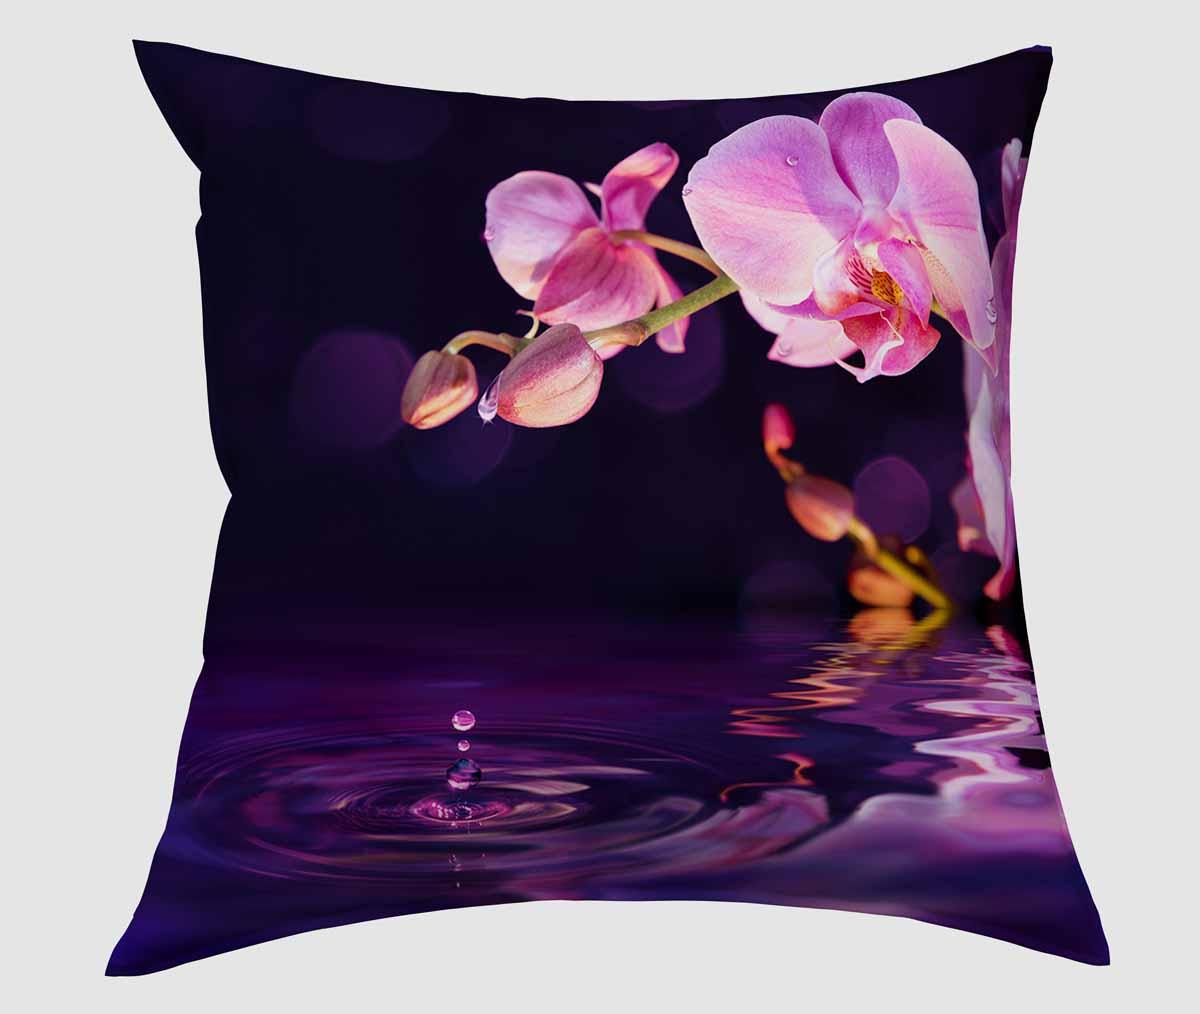 Подушка декоративная Сирень Орхидея над водой, 40 х 40 см02656-ПШ-ГБ-012Декоративная подушка Сирень Орхидея над водой, изготовленная из габардина (100% полиэстер), прекрасно дополнит интерьер спальни или гостиной. Подушка оформлена красочным изображением. Внутри - мягкий наполнитель из холлофайбера (100% полиэстер). Красивая подушка создаст атмосферу тепла и уюта в спальне и станет прекрасным элементом декора.